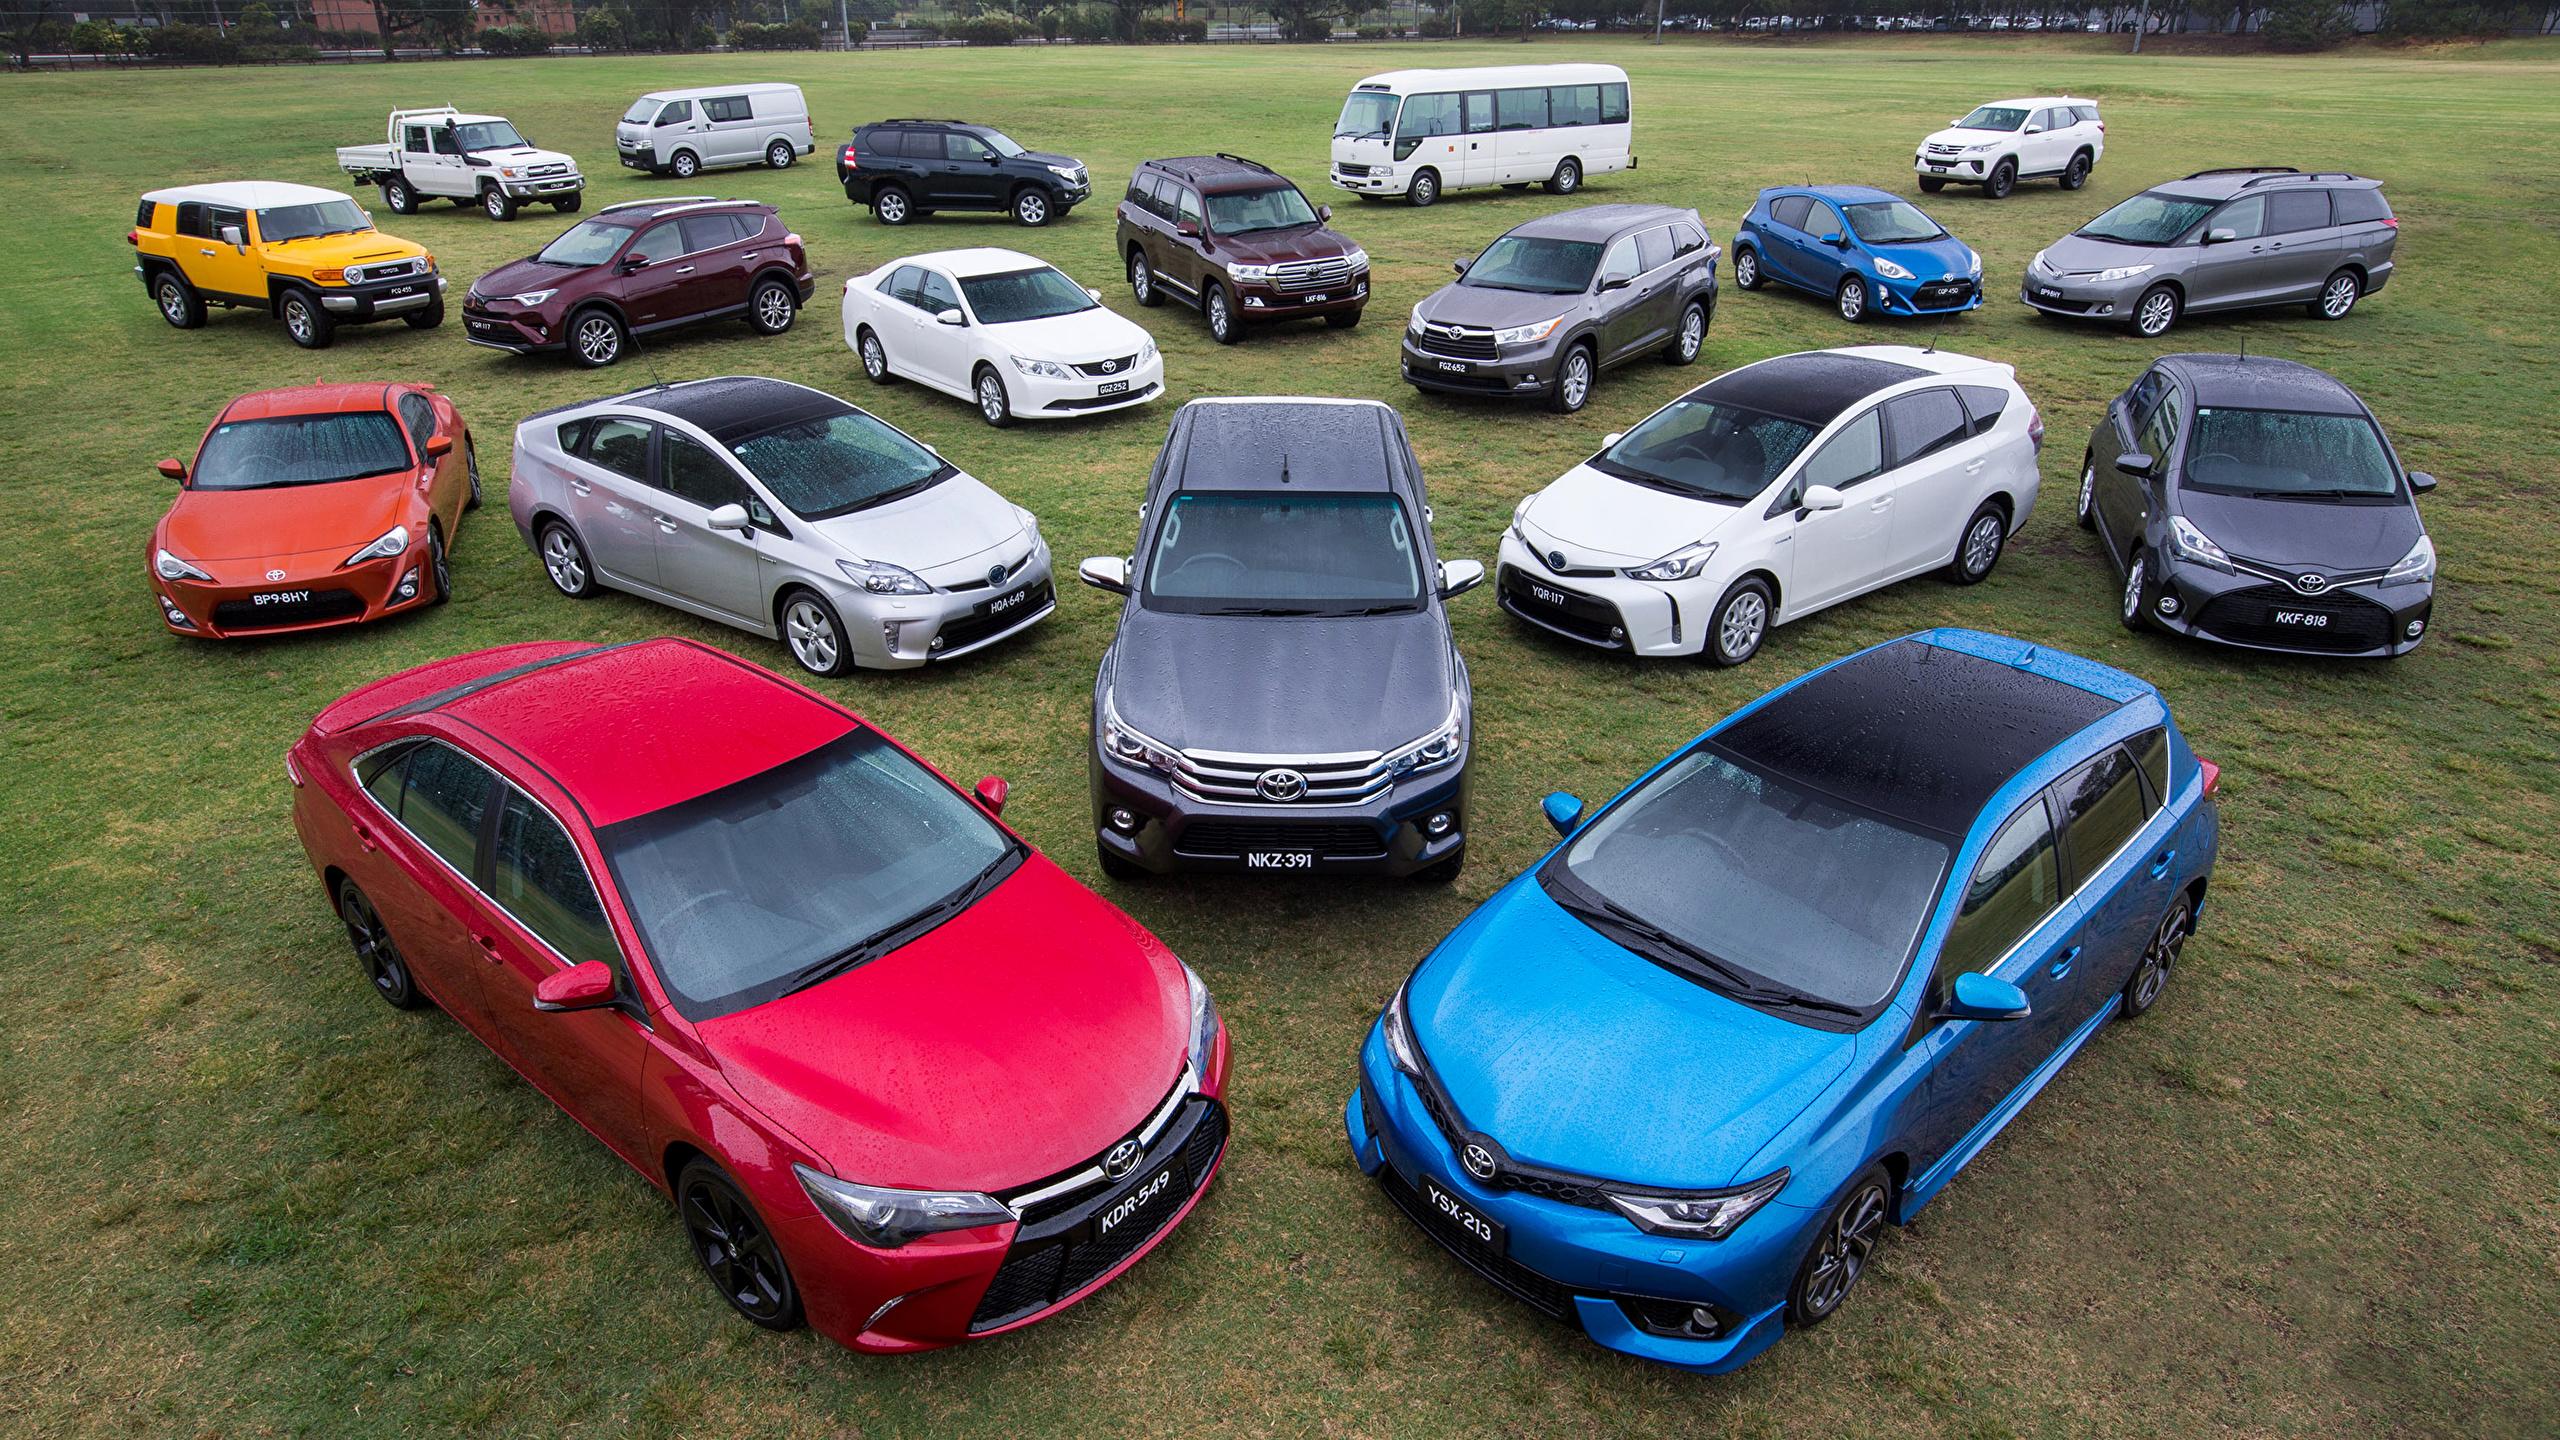 Картинки Toyota Ðвто Много 2560x1440 Тойота Машины Ðвтомобили